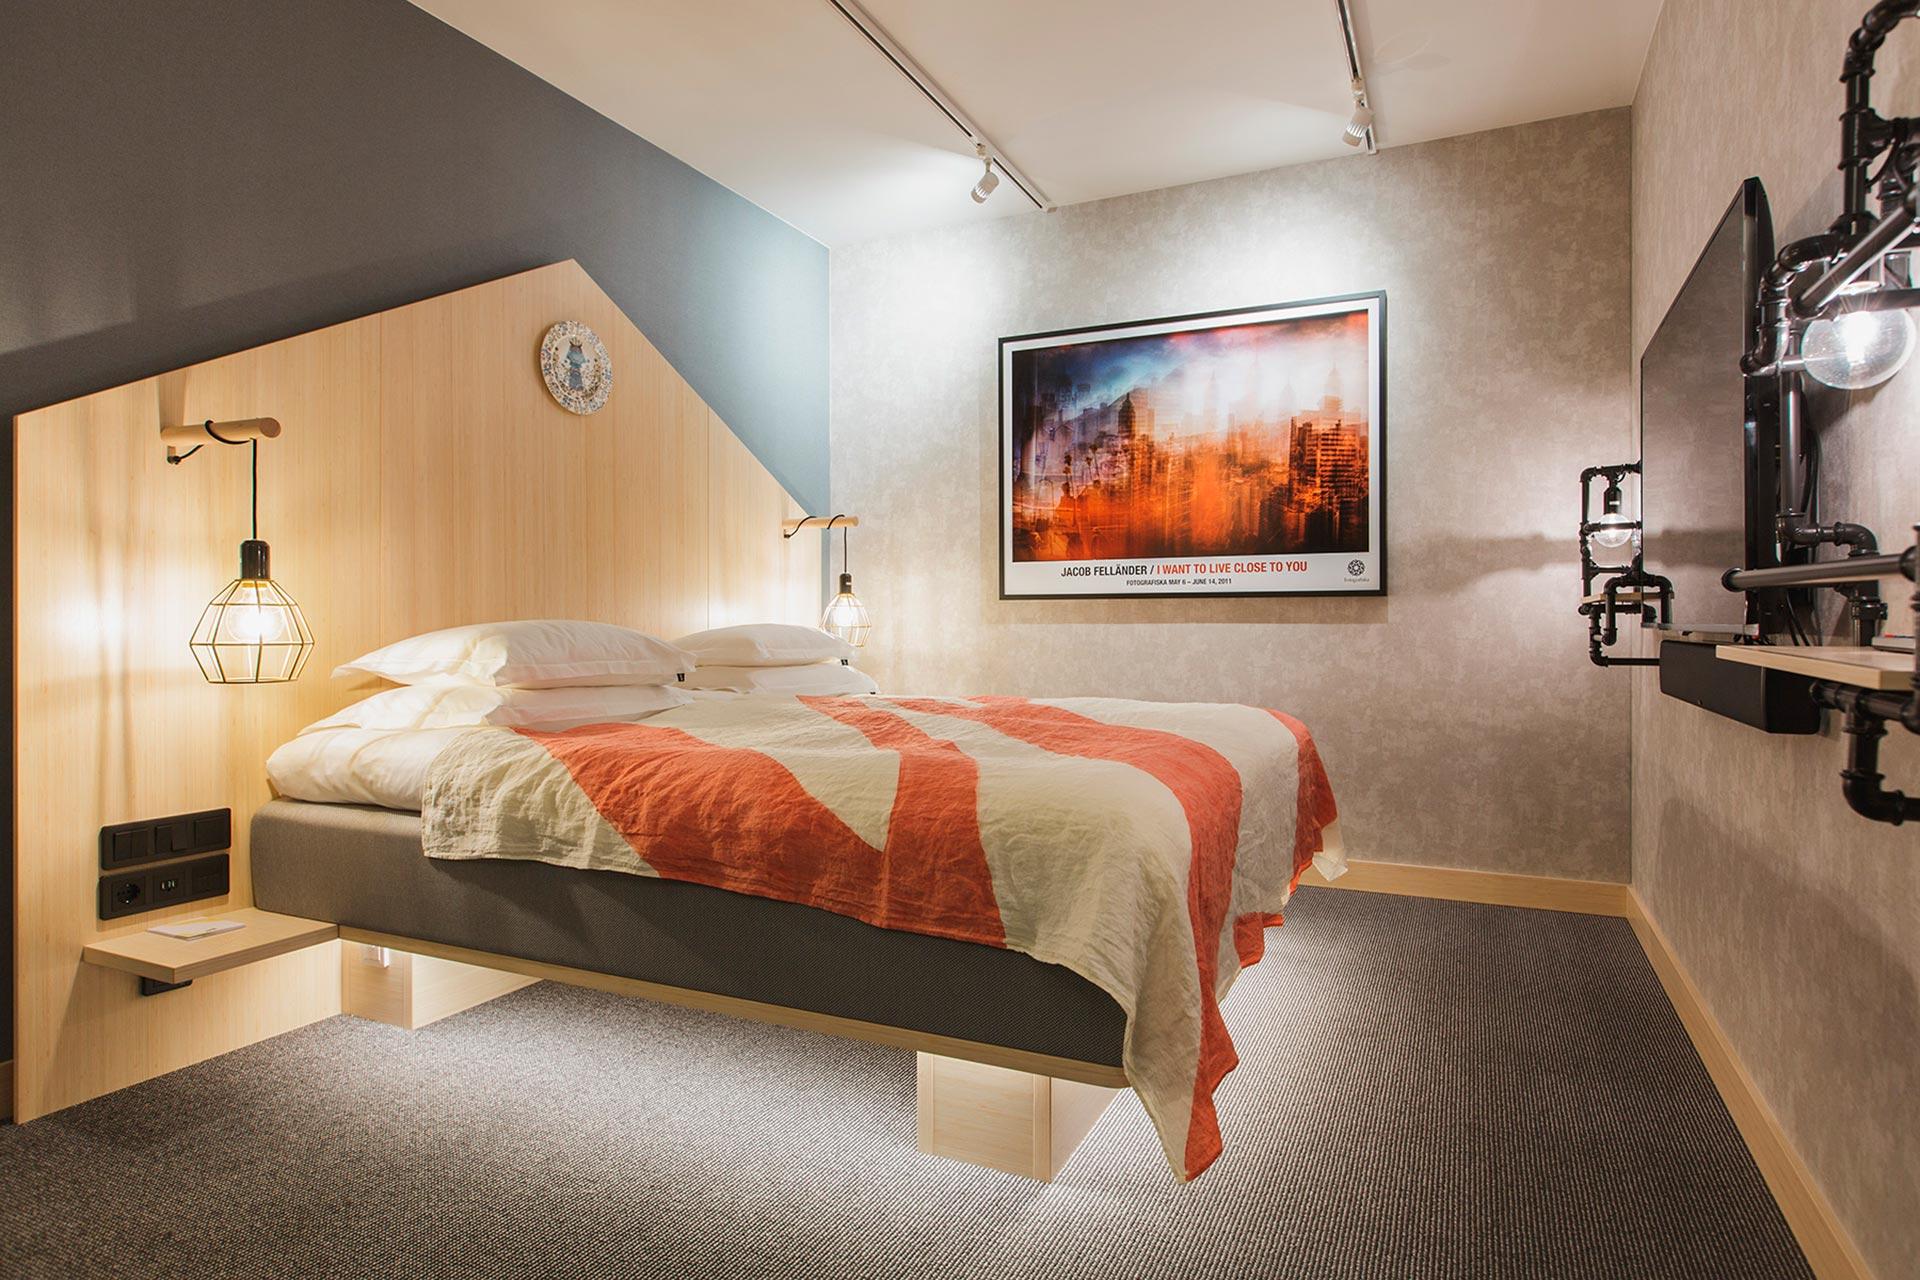 Hotelli With Urban Delin kodikkaat huoneet ovat maan alla. Kuva: Hotel With Urban Deli